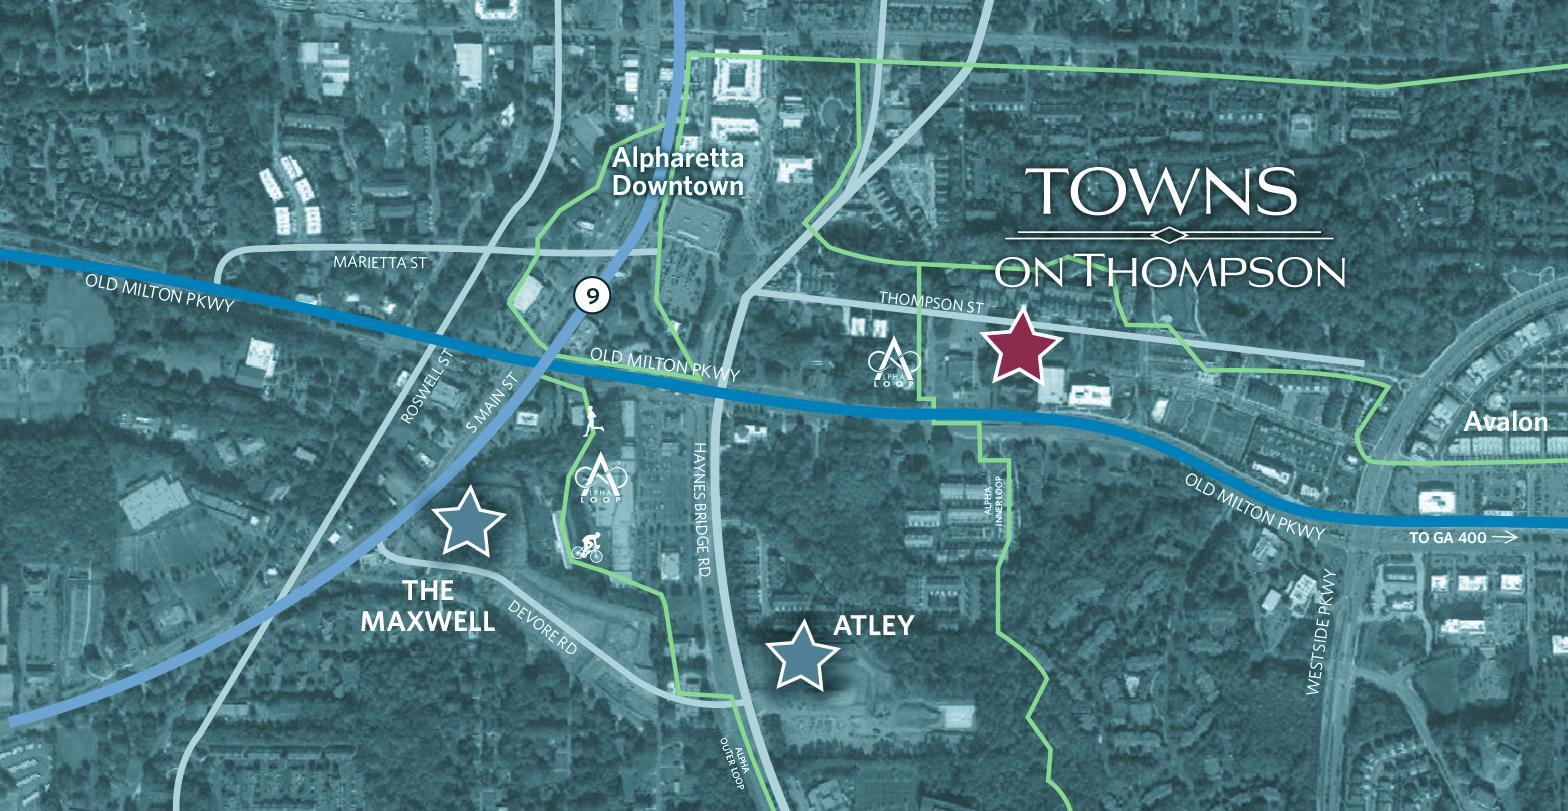 Towns on Thompson New Homes in Alpharetta GA